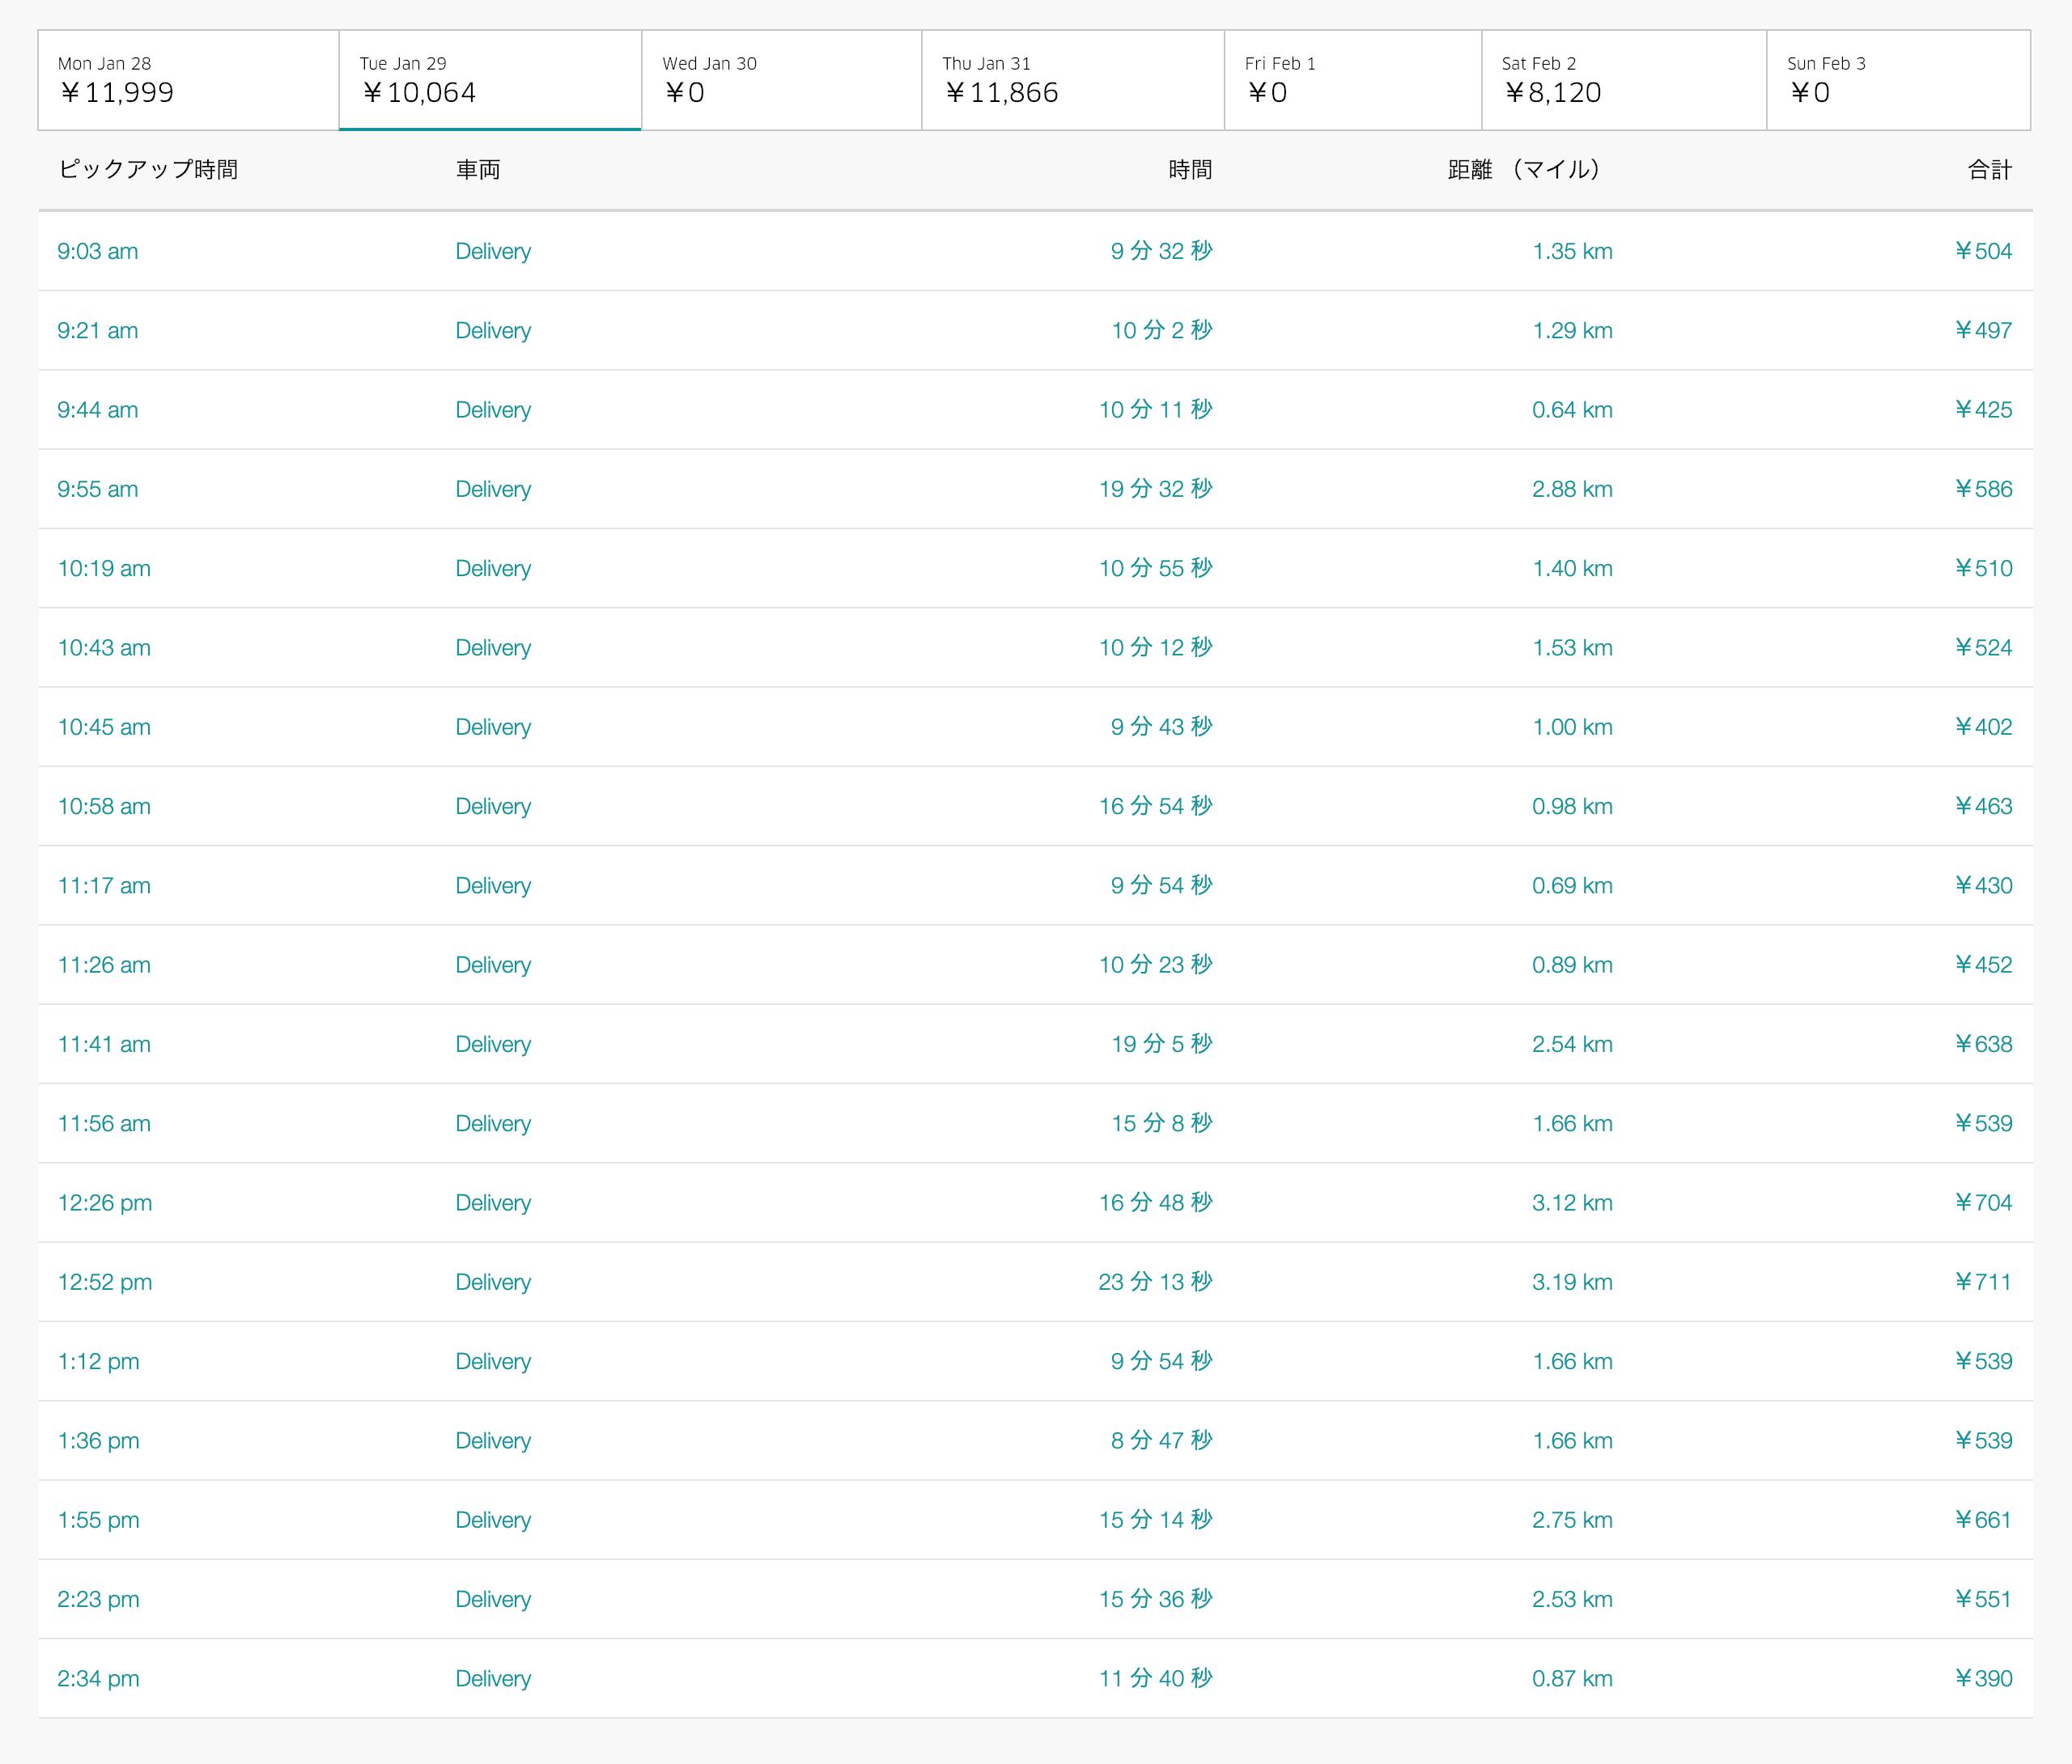 Uber Eats1月29日の配達数字